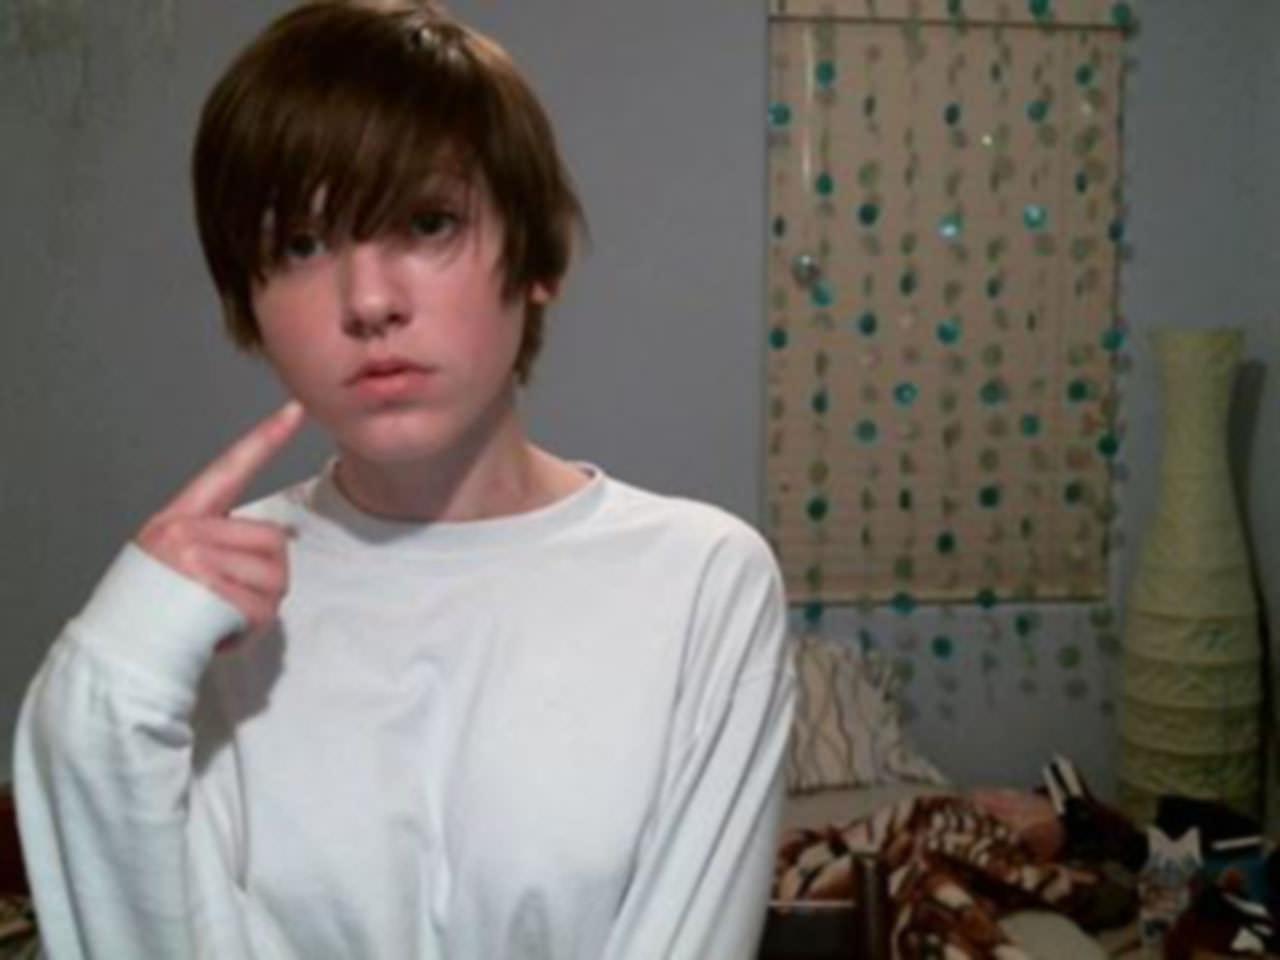 【外人】メンヘラ度全開のロシアンパイパン美少女の自画撮りライブチャットポルノ画像 17139